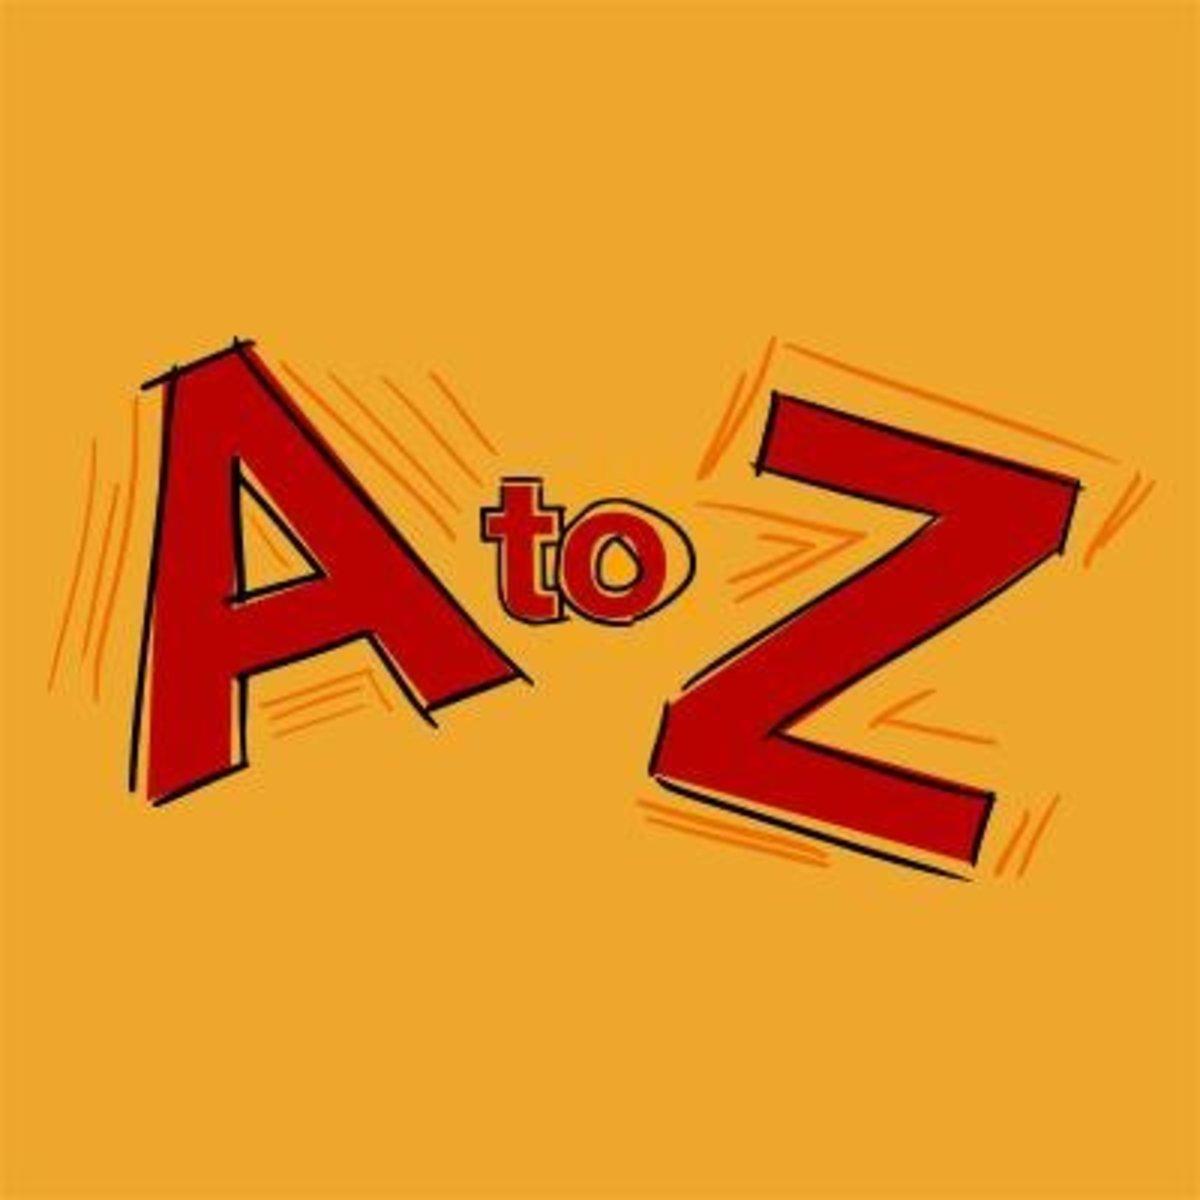 A to Z Abecedarian Challenge